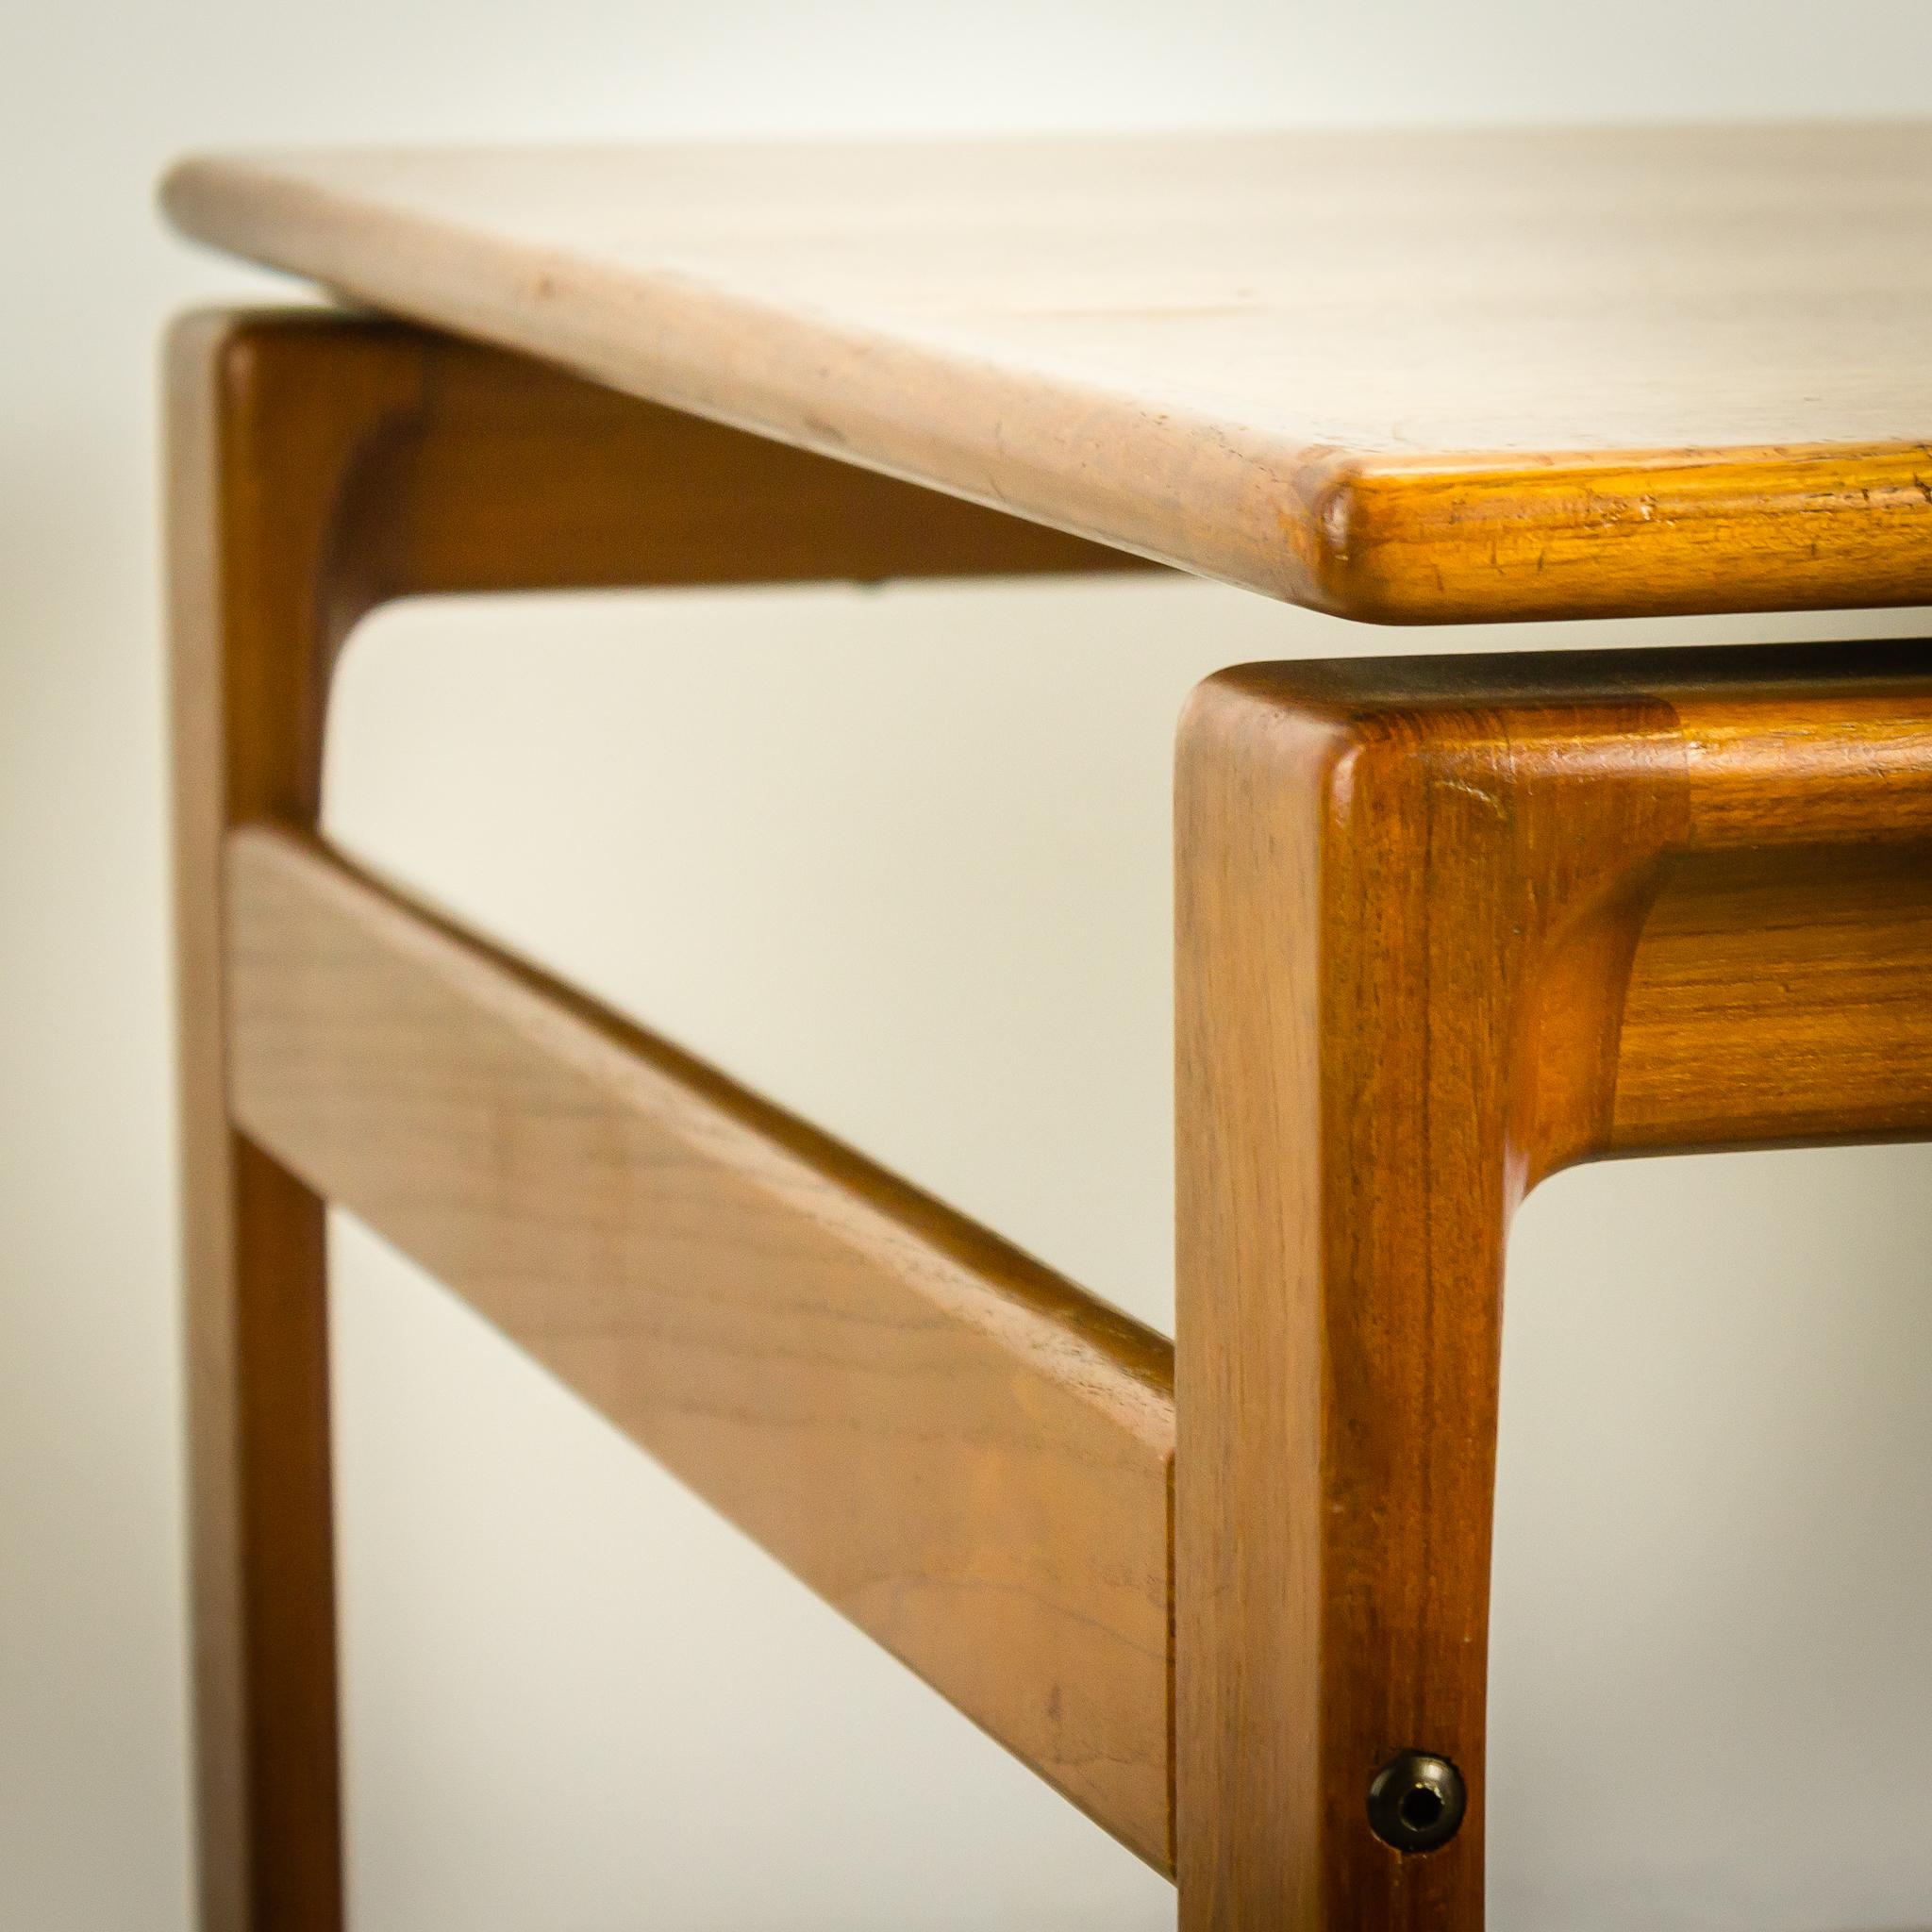 #AD530022387192  70's Komfort Deens Teak Salontafel Design Vintage Retro Barbmama Van de bovenste plank Deens Design Meubelen Vintage 1023 beeld 204820481023 Inspiratie